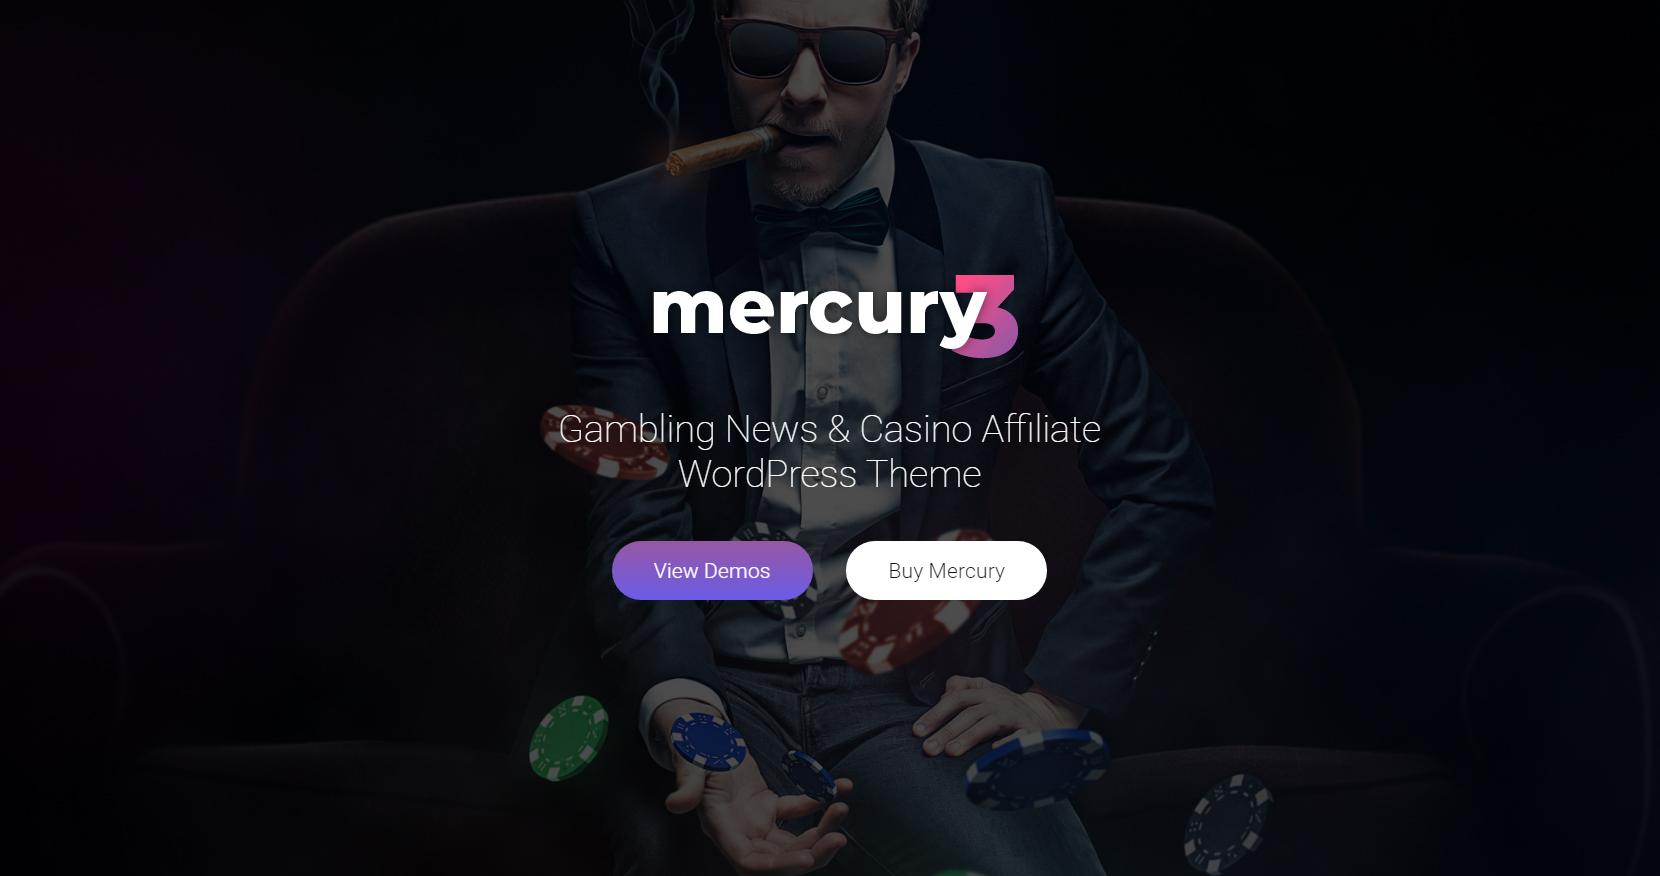 казино голден игровые автоматы играть бесплатно онлайн